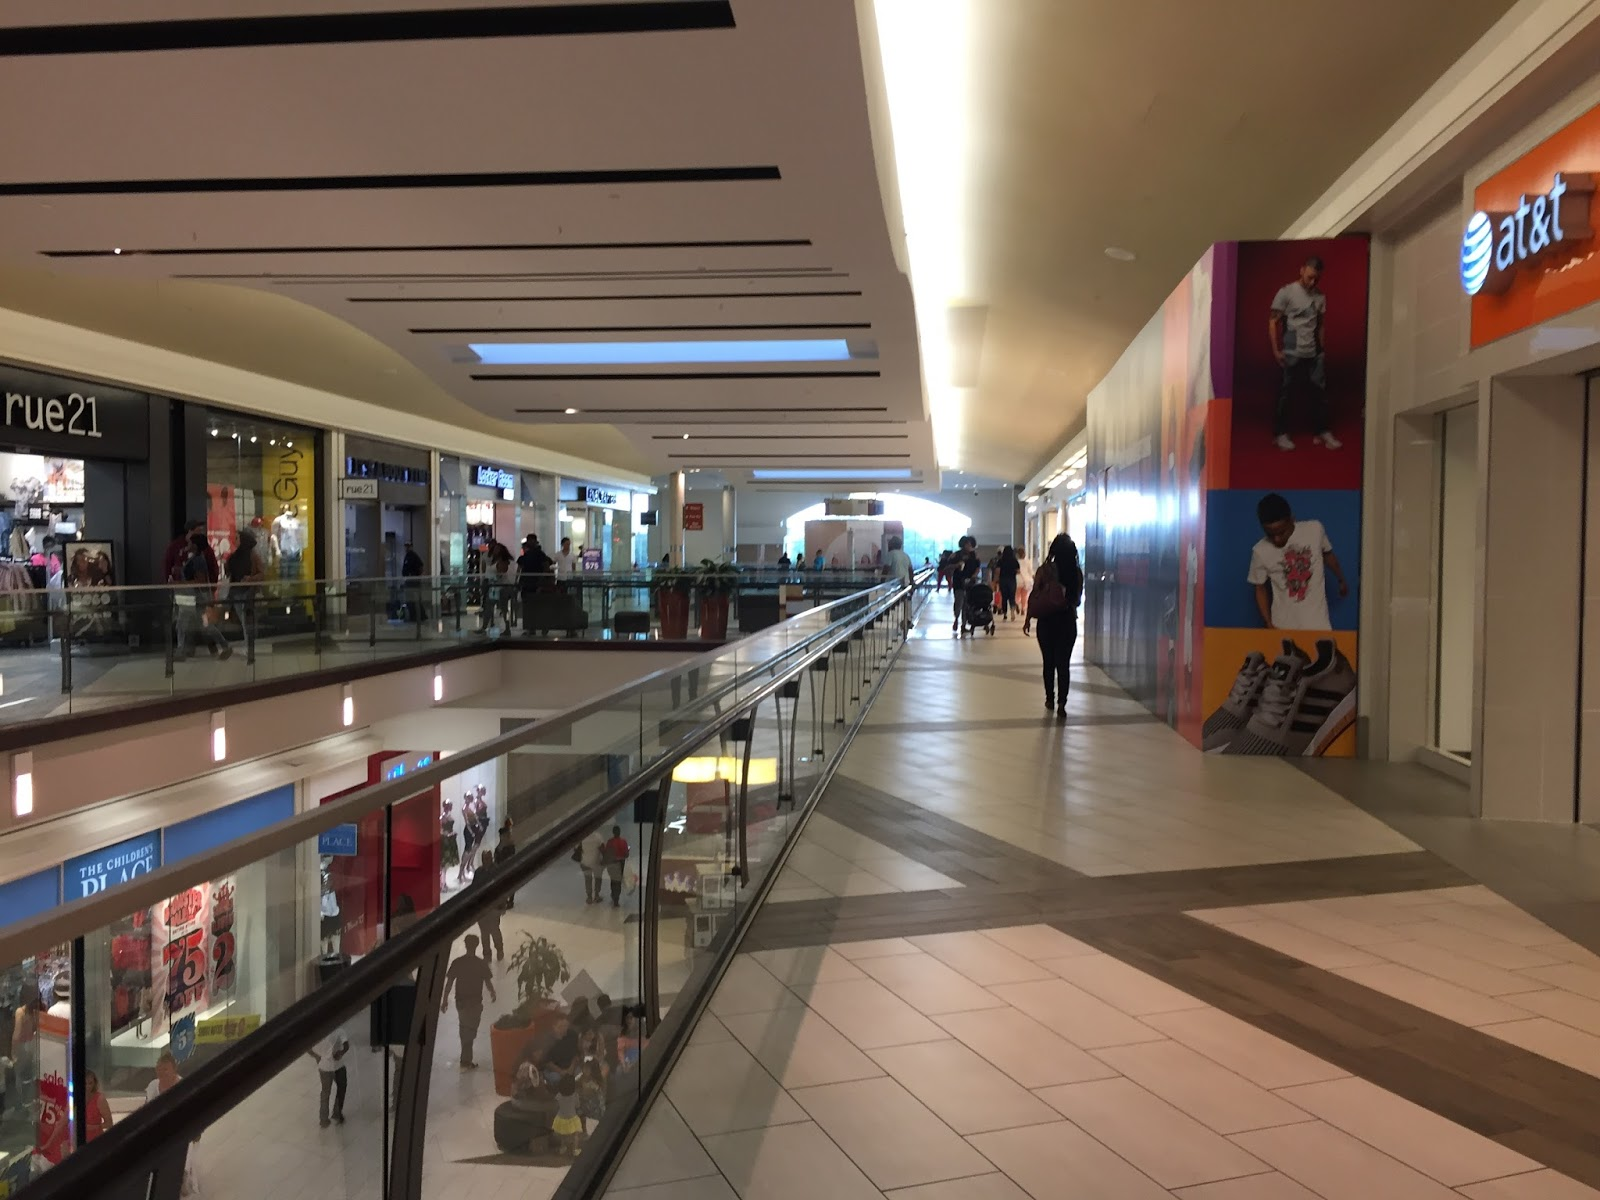 cumberland mall - photo #11